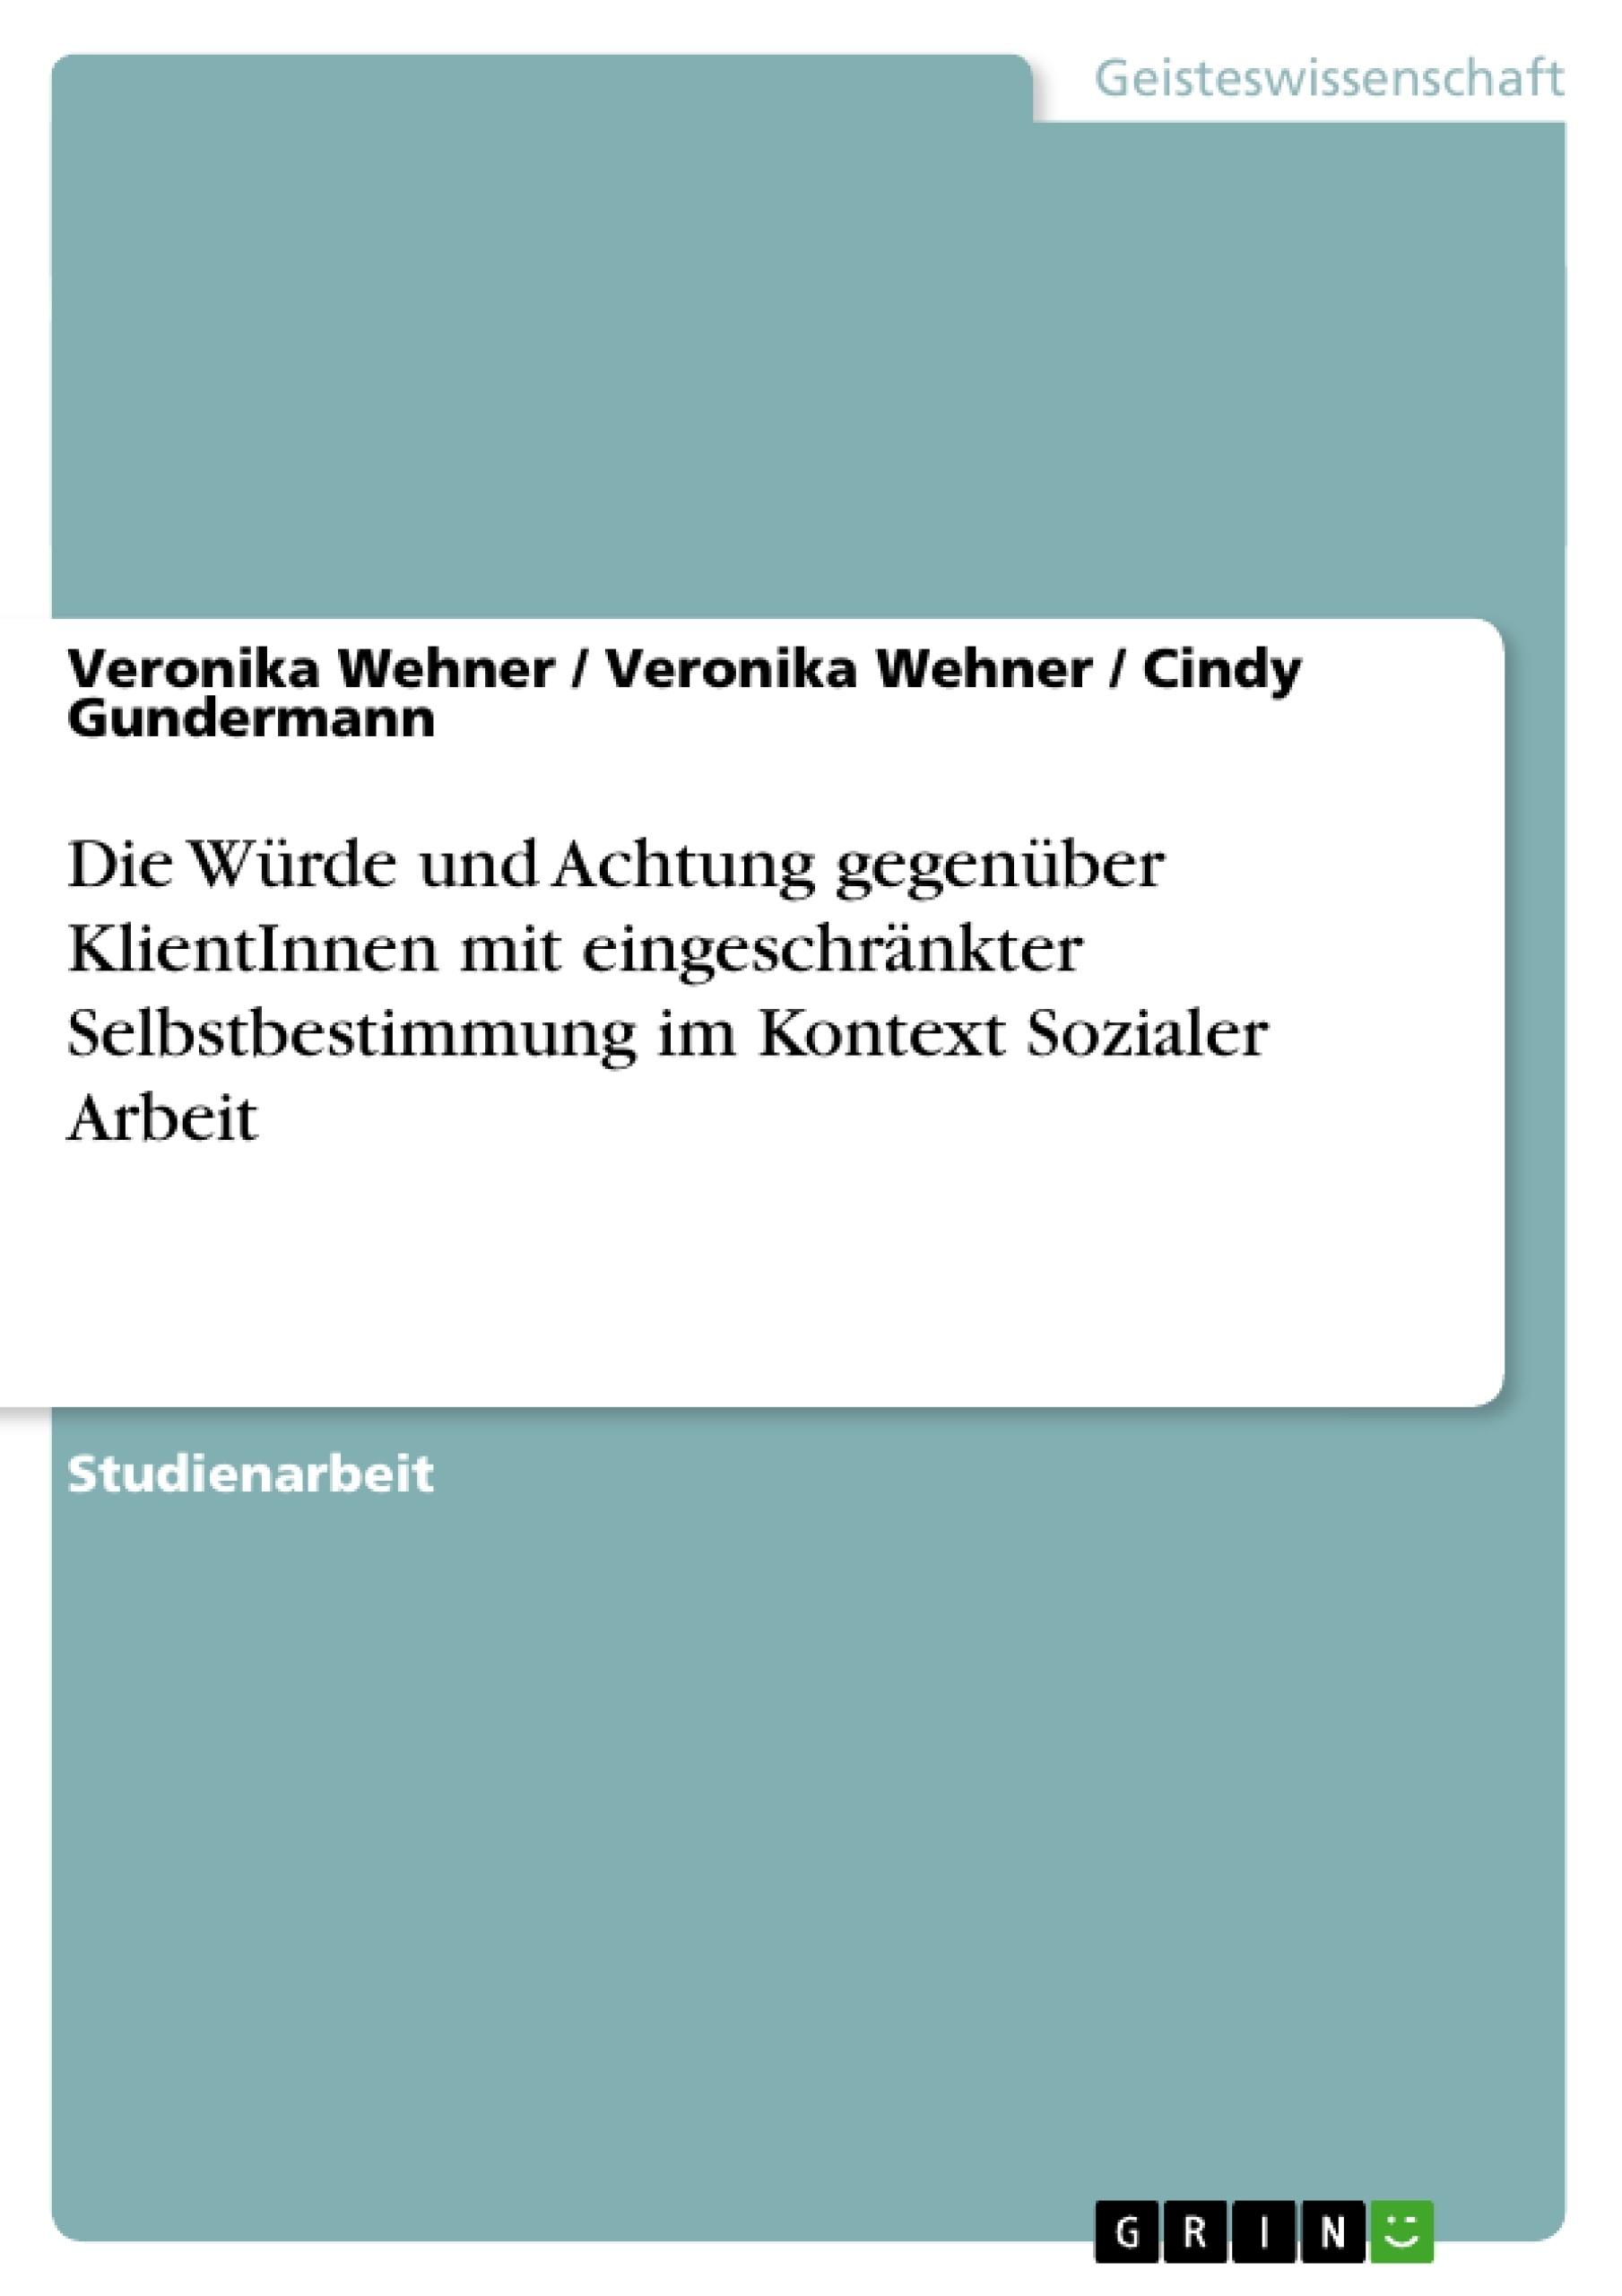 Titel: Die Würde und Achtung gegenüber KlientInnen mit eingeschränkter Selbstbestimmung im Kontext Sozialer Arbeit